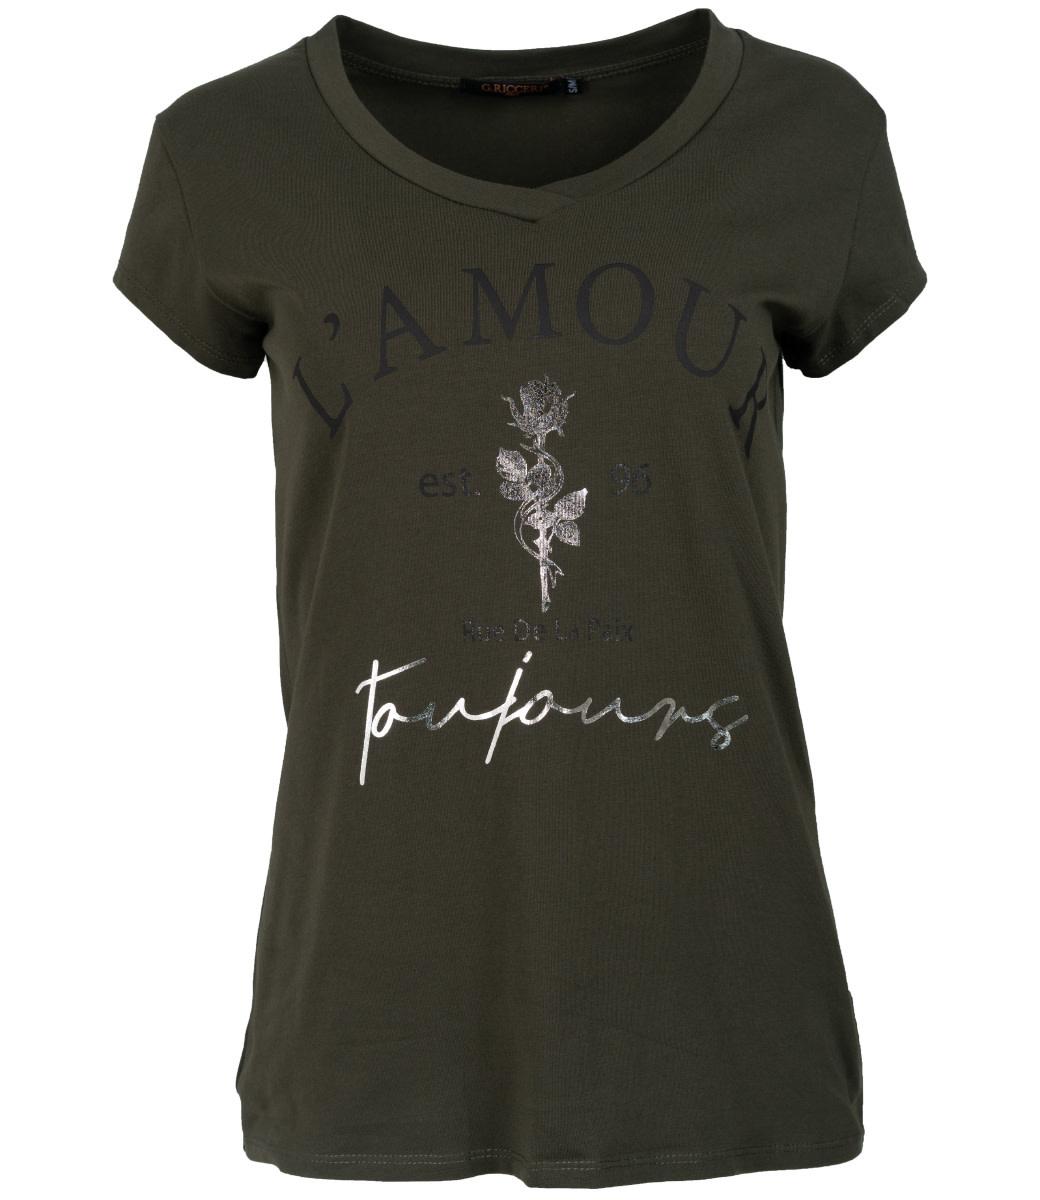 Gemma Ricceri Shirt groen/zwart L'amour